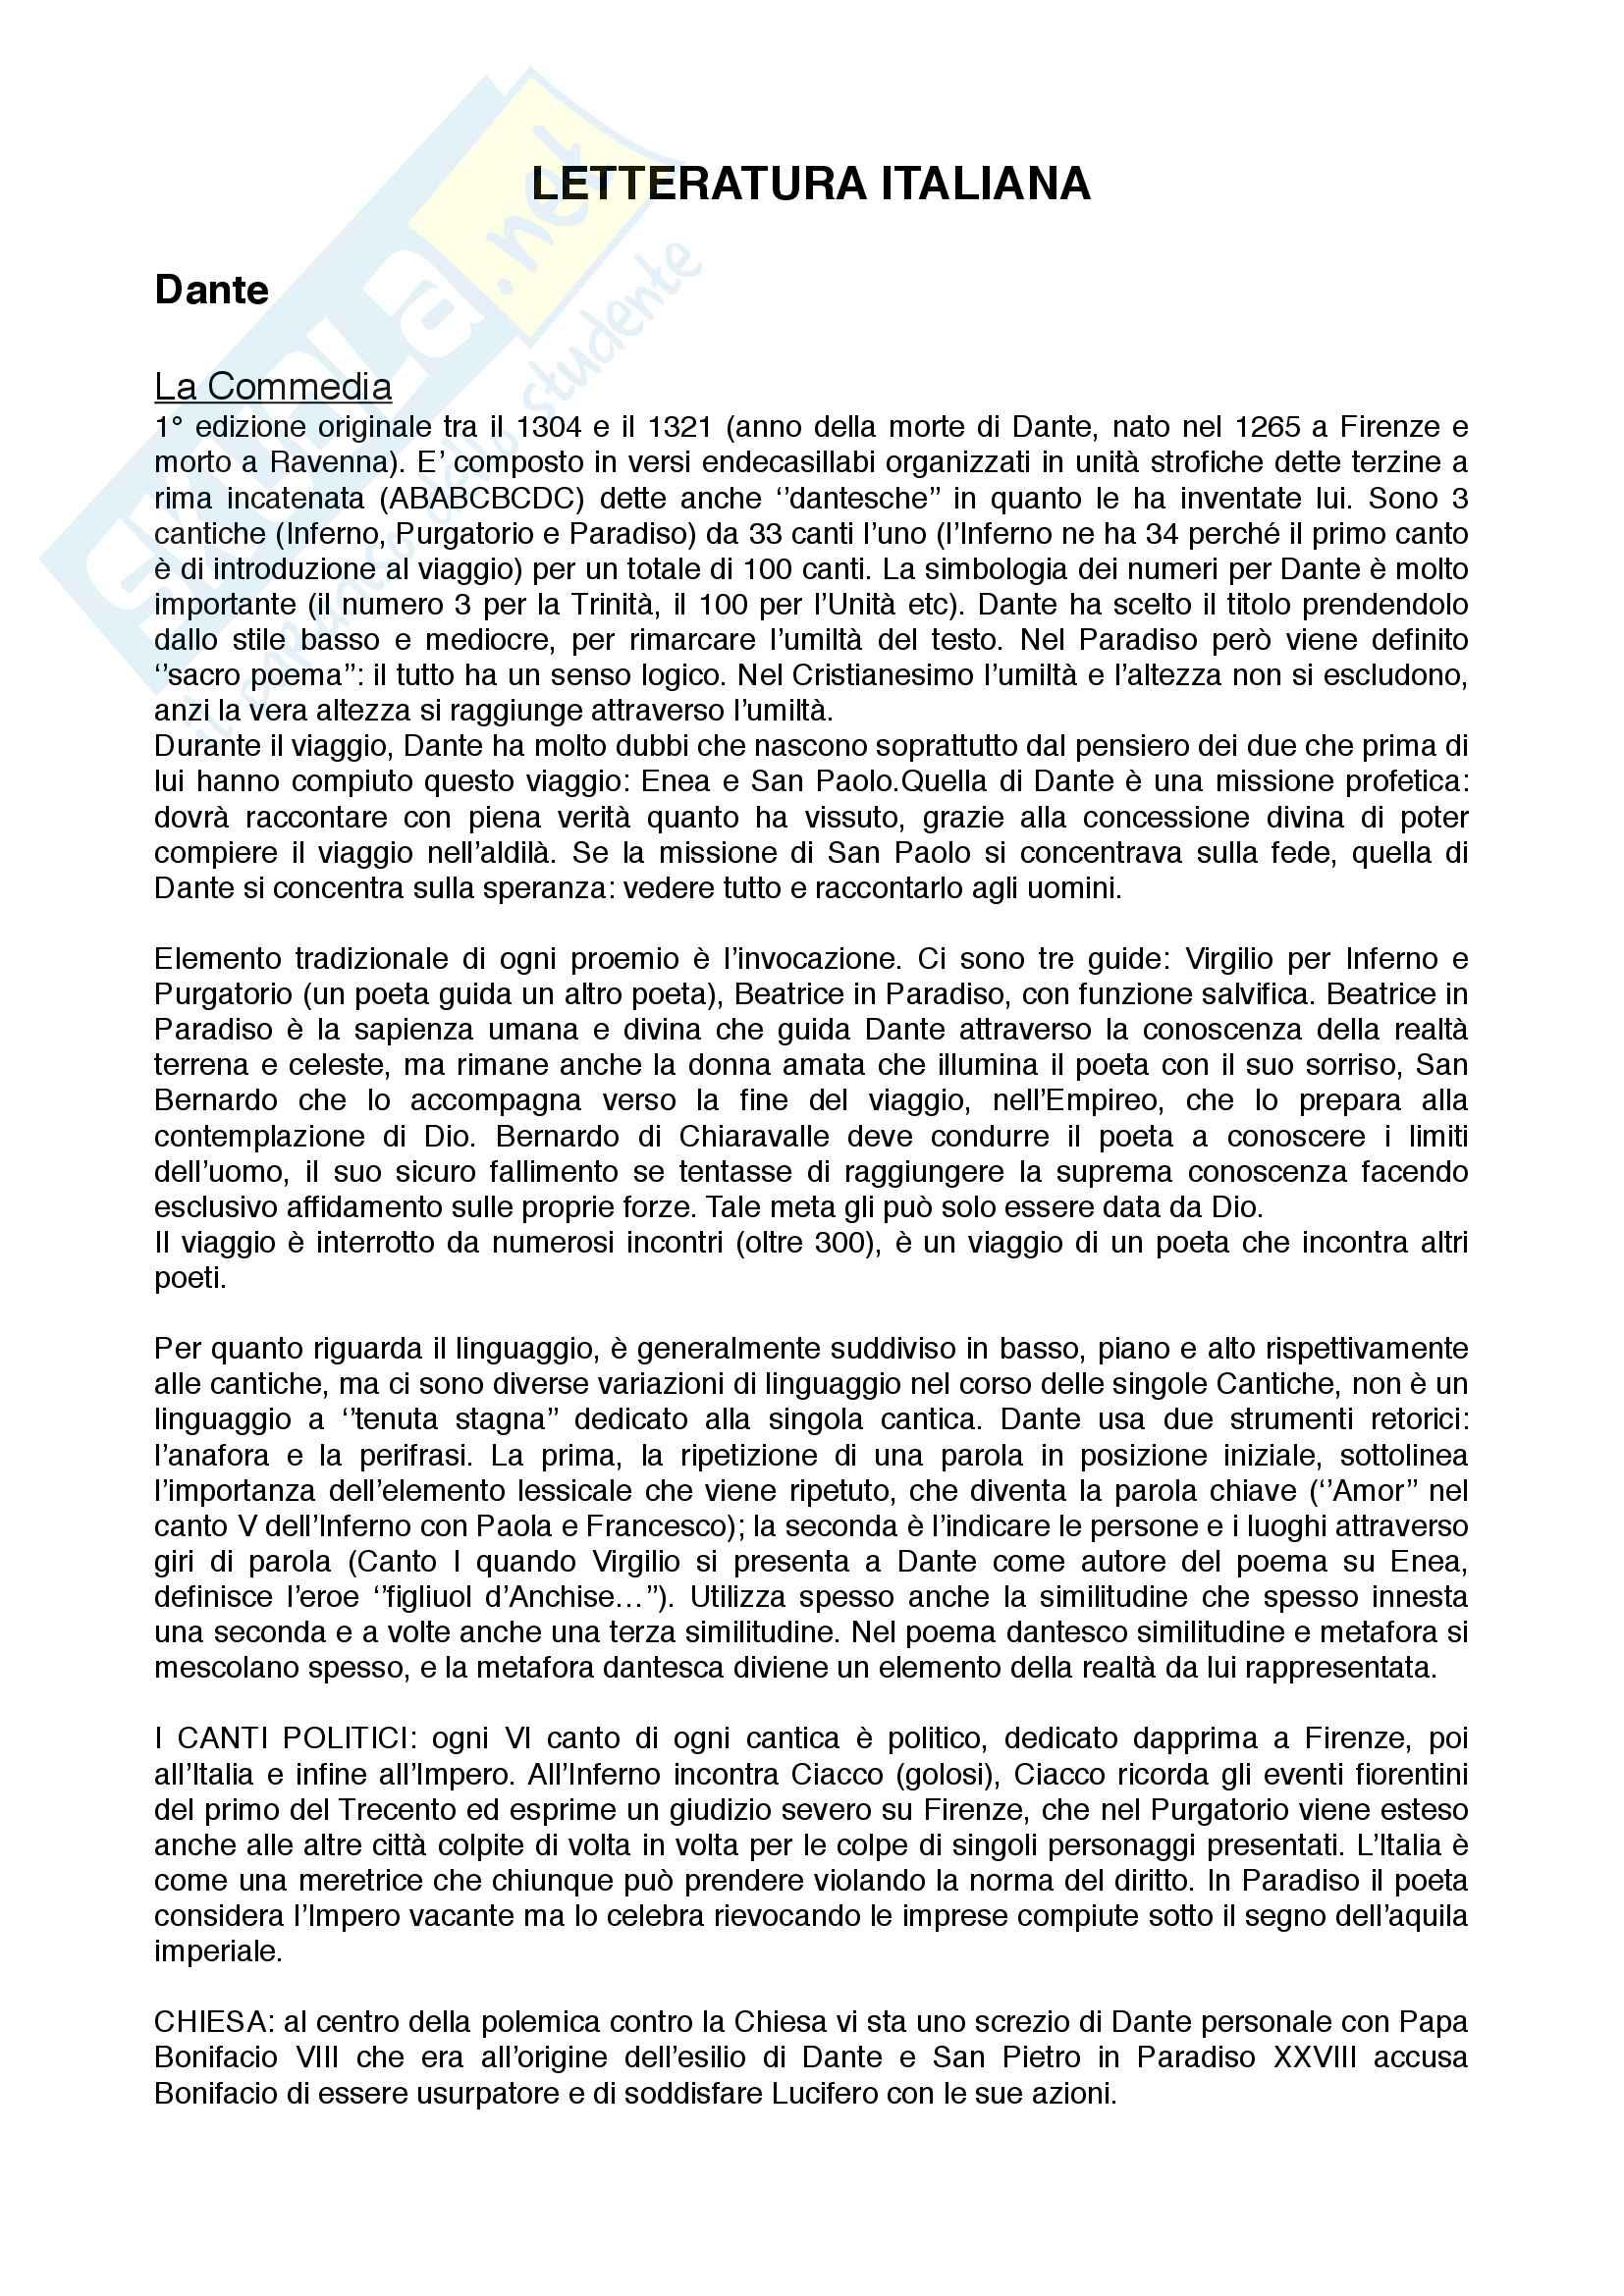 Appunti Completi esame Letteratura Italiana LIMED - Roberta Ferro